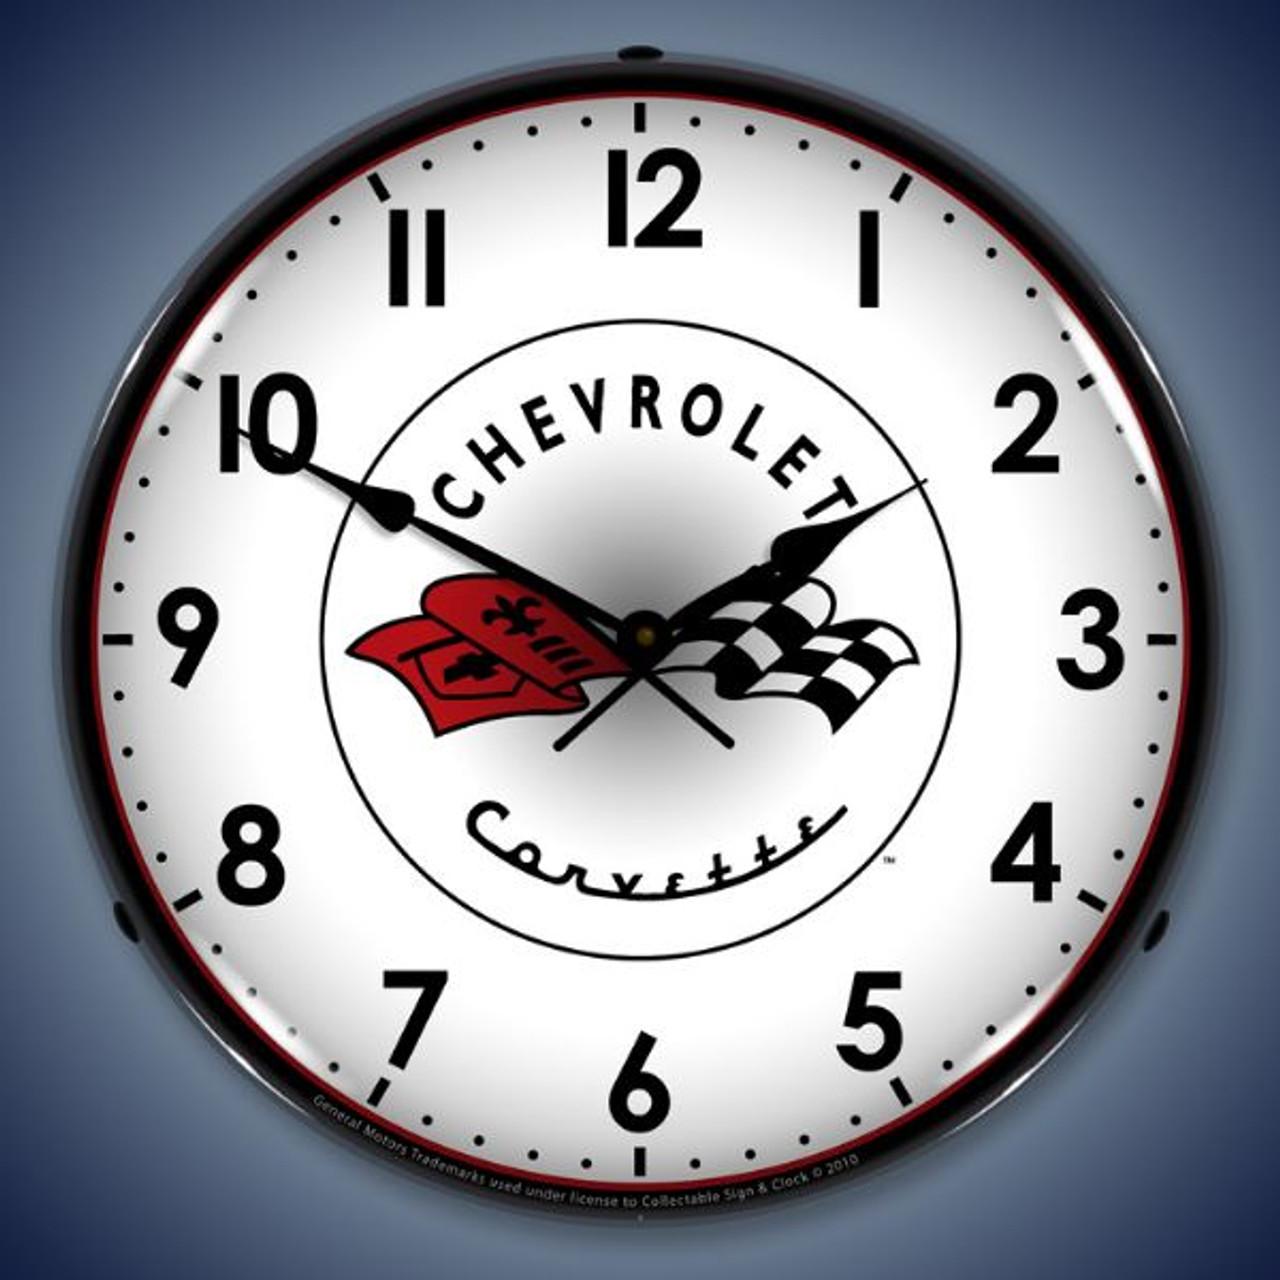 Retro  C1 Corvette Lighted Wall Clock 14 x 14 Inches